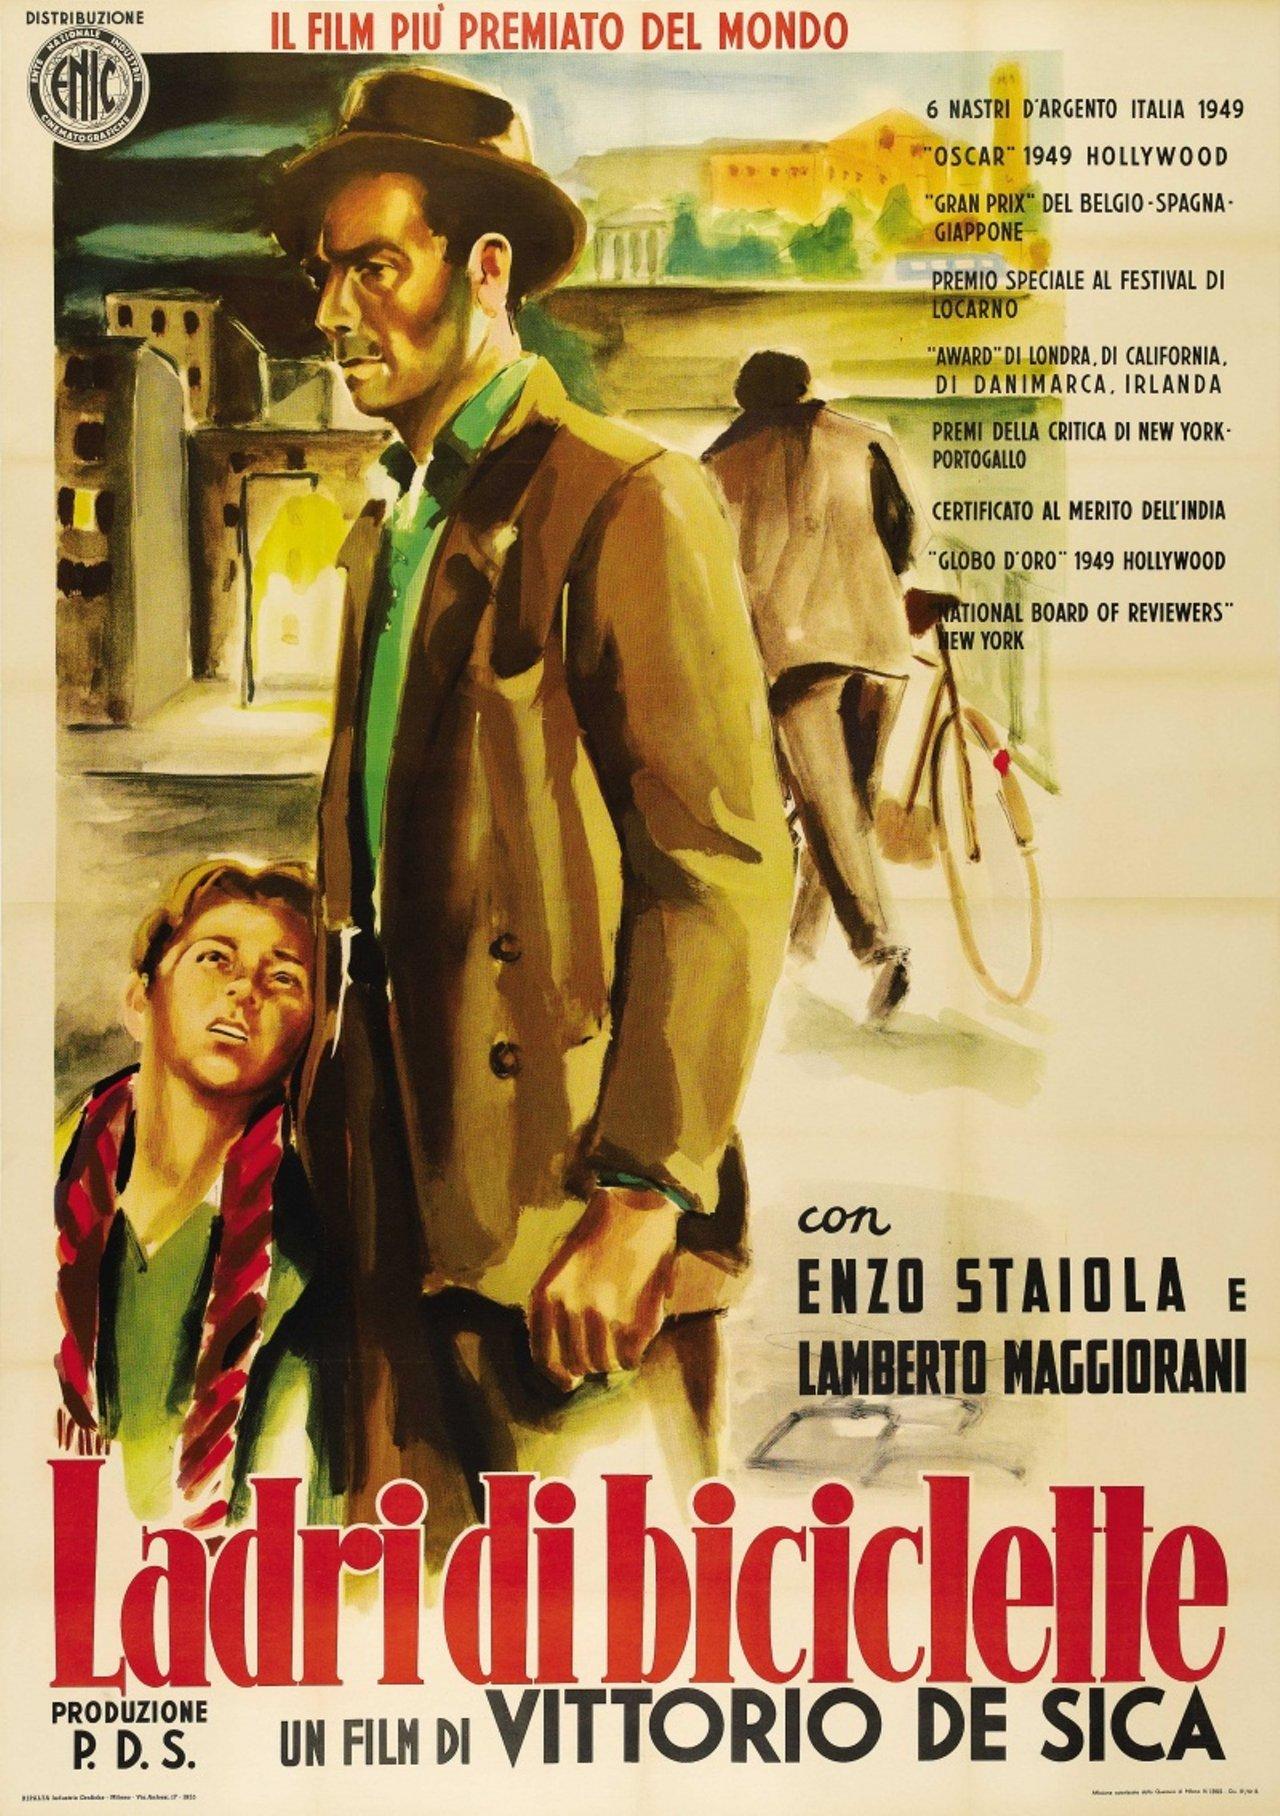 """""""Похитители велосипедов"""", Италия, 1948, режиссёр Витторио де Сика, авторы сценария Луиджи Бартолини и Чезаре Дзаваттини, композитор Алессандро Чиконьини"""